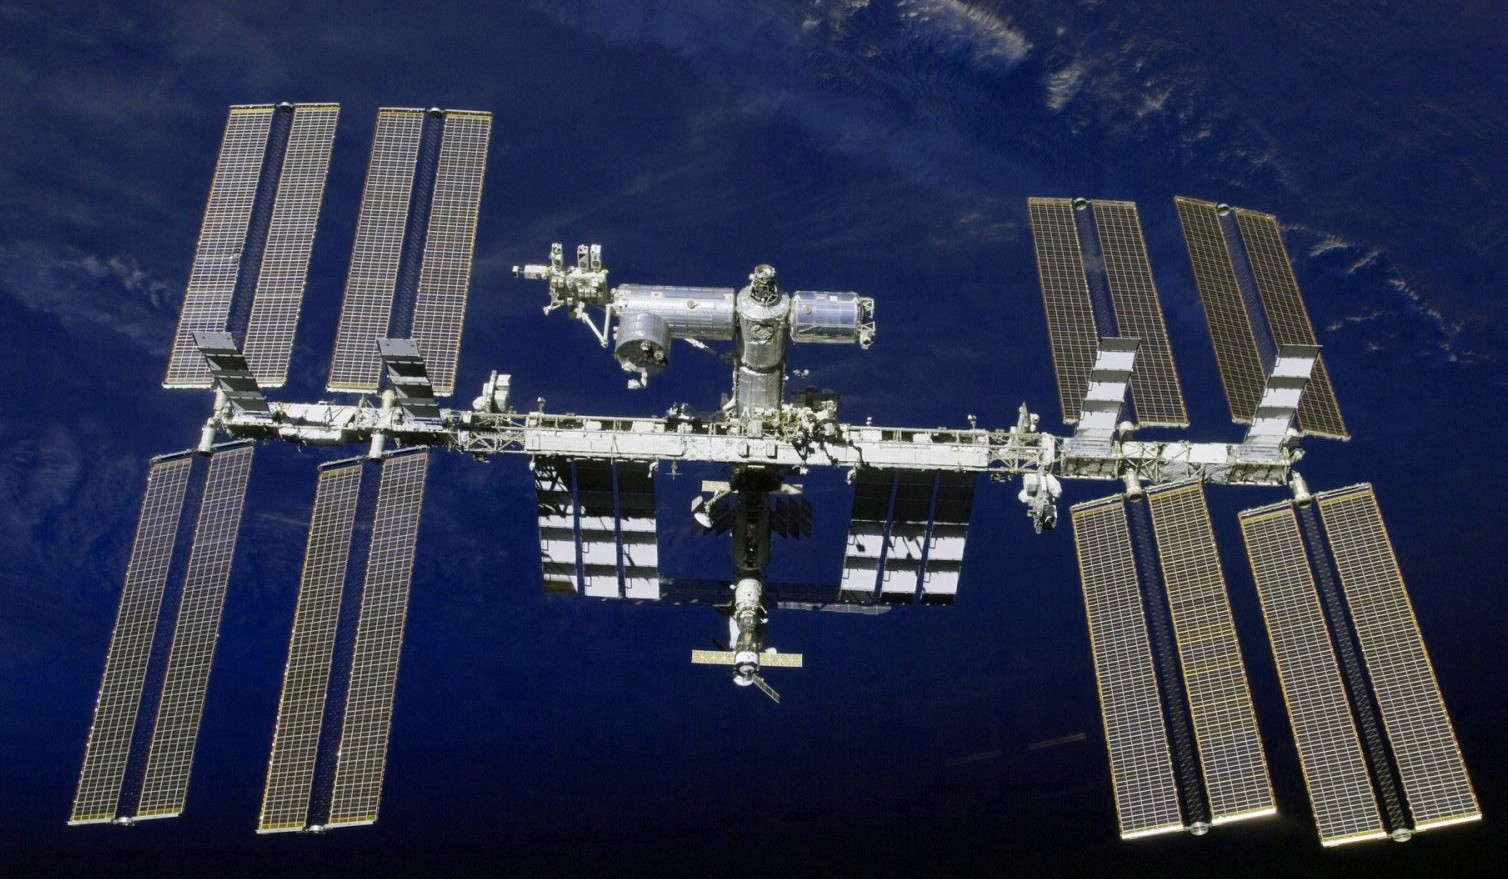 Каков максимальный размер орбитальной станции?